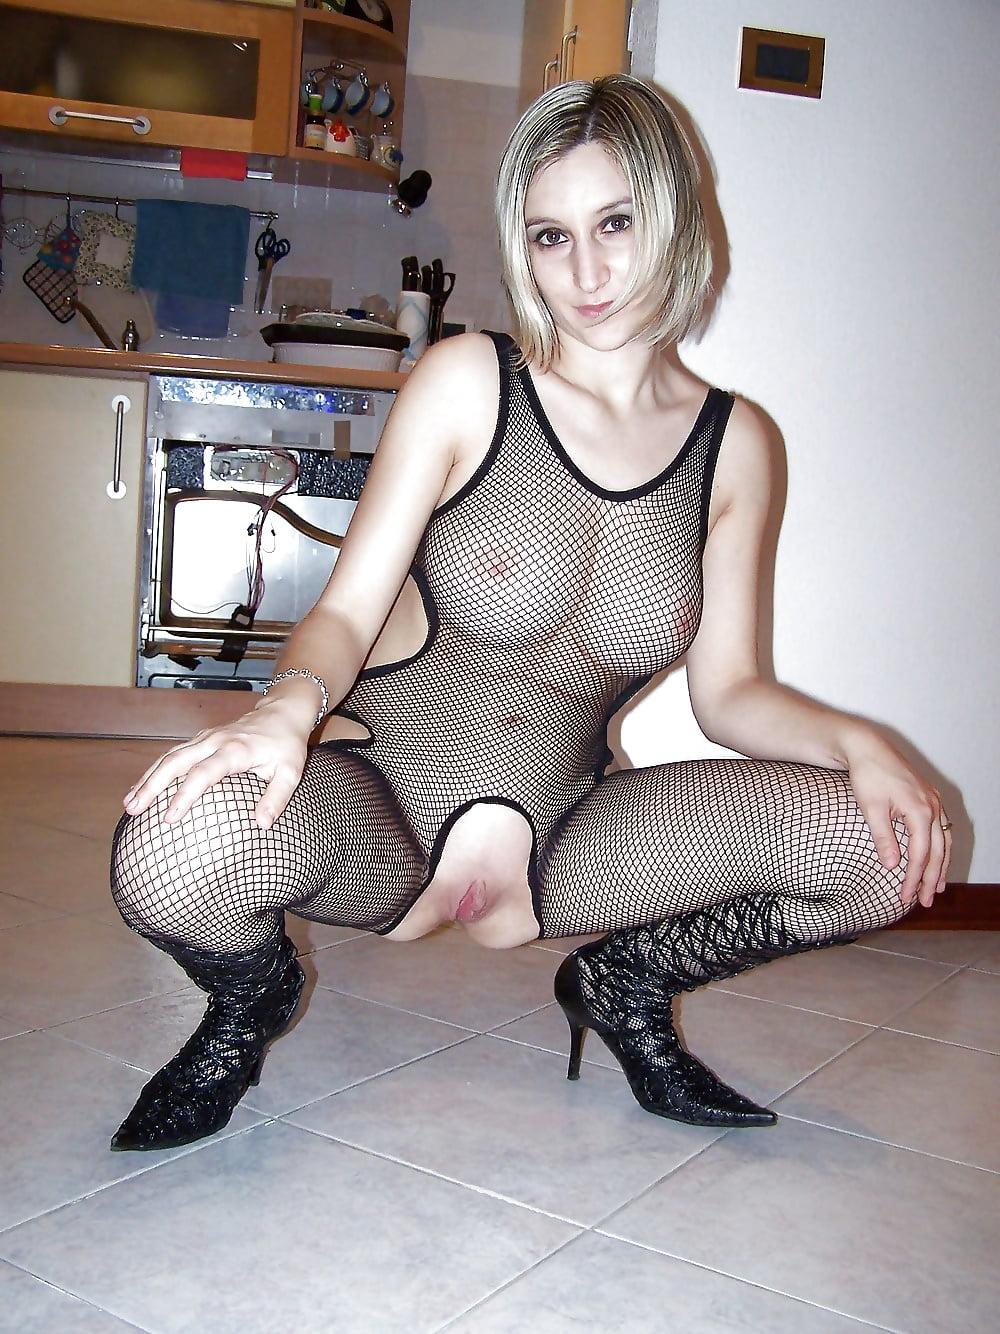 Жена в порно костюме #9